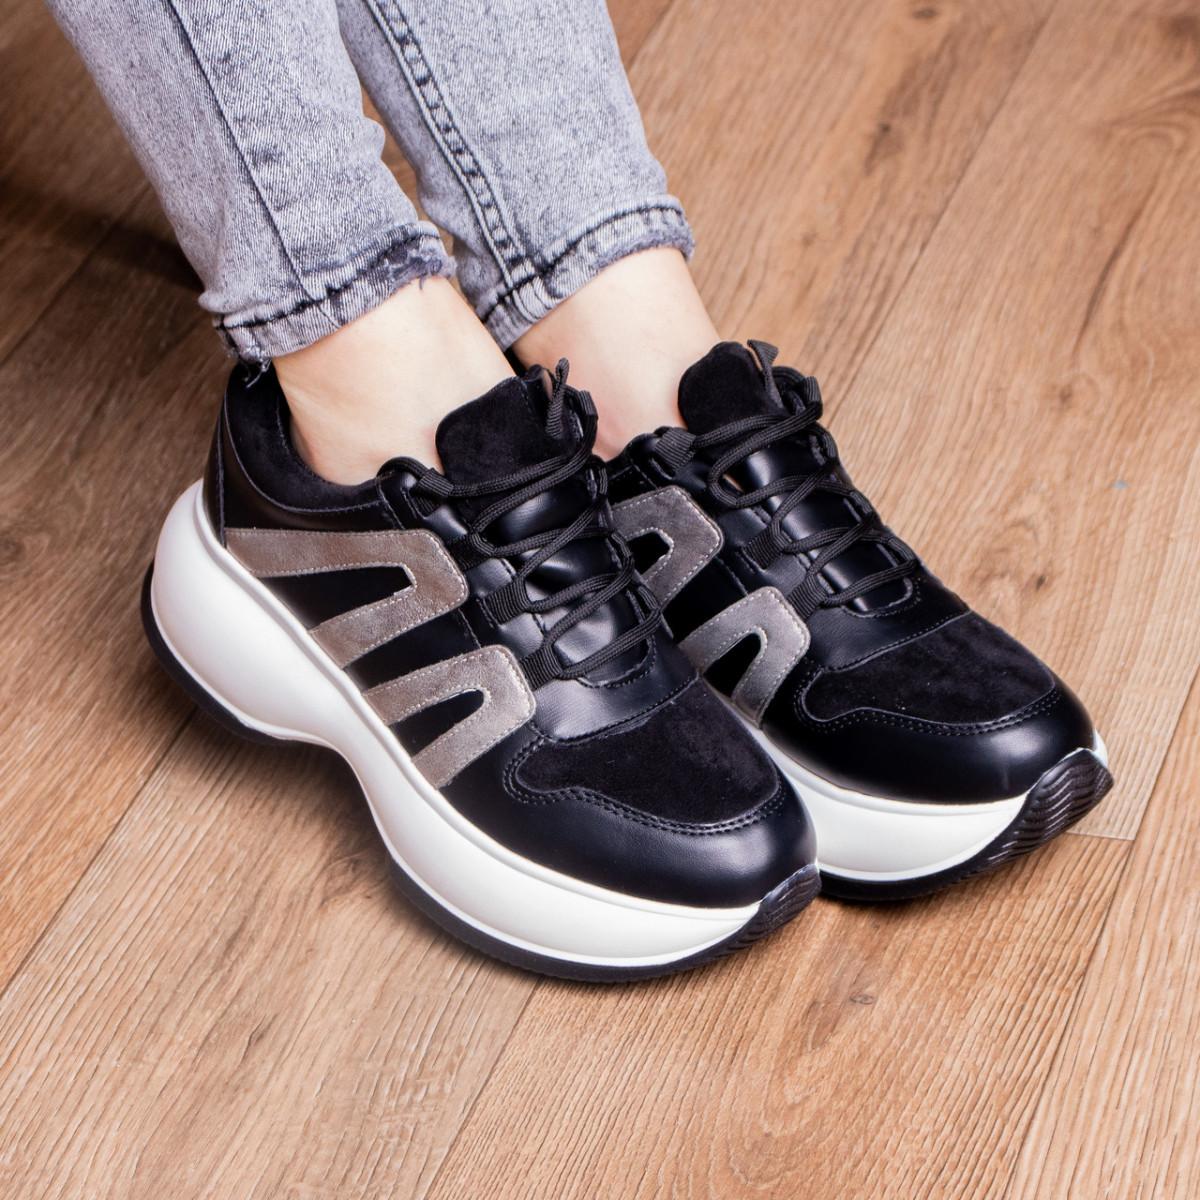 Кросівки жіночі Fashion Cassie 2189 36 розмір 23 см Чорний